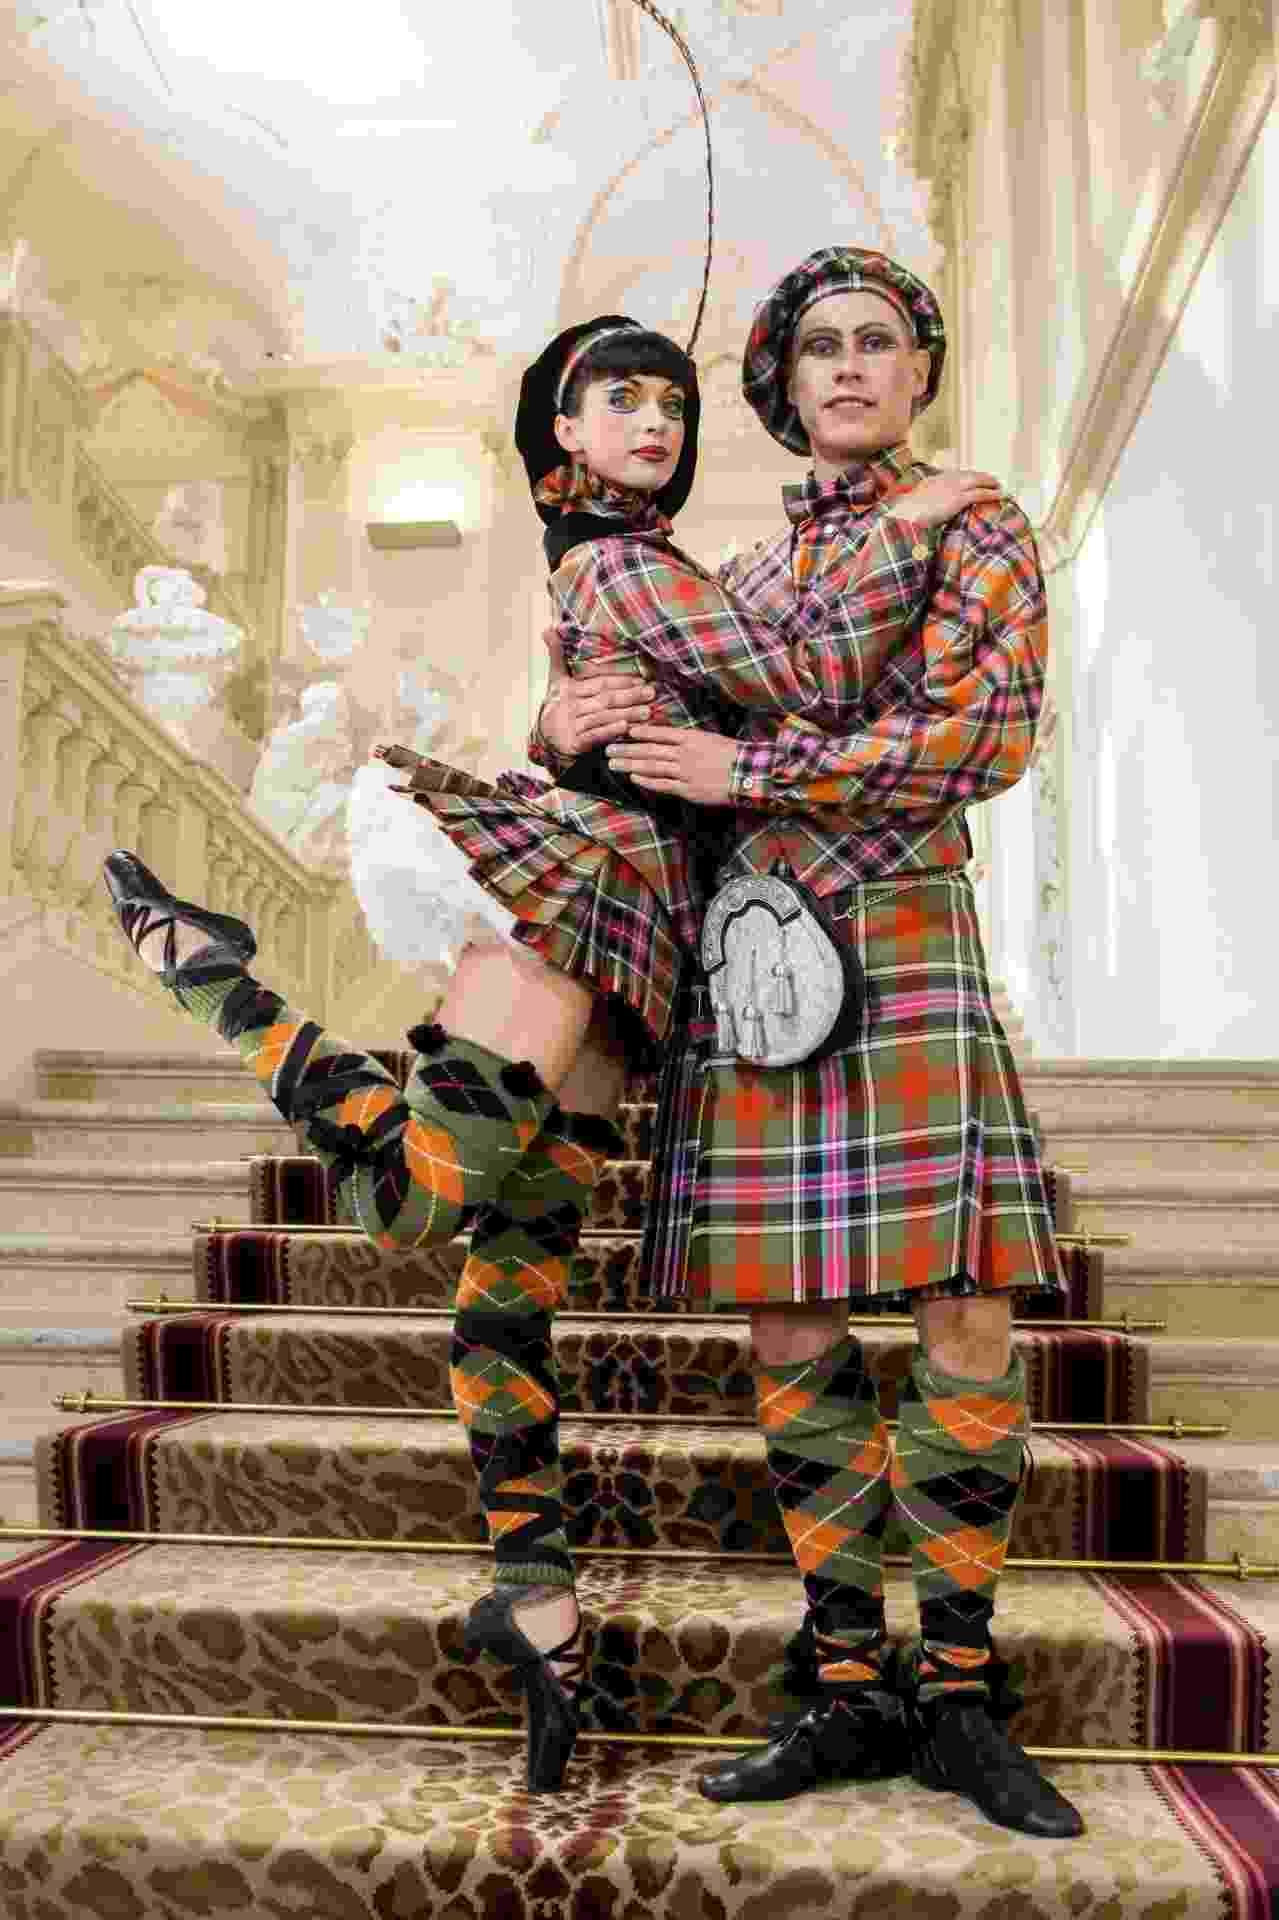 Bailarinos com looks Vivienne Westwood - ORF/Günther Pichlkostner